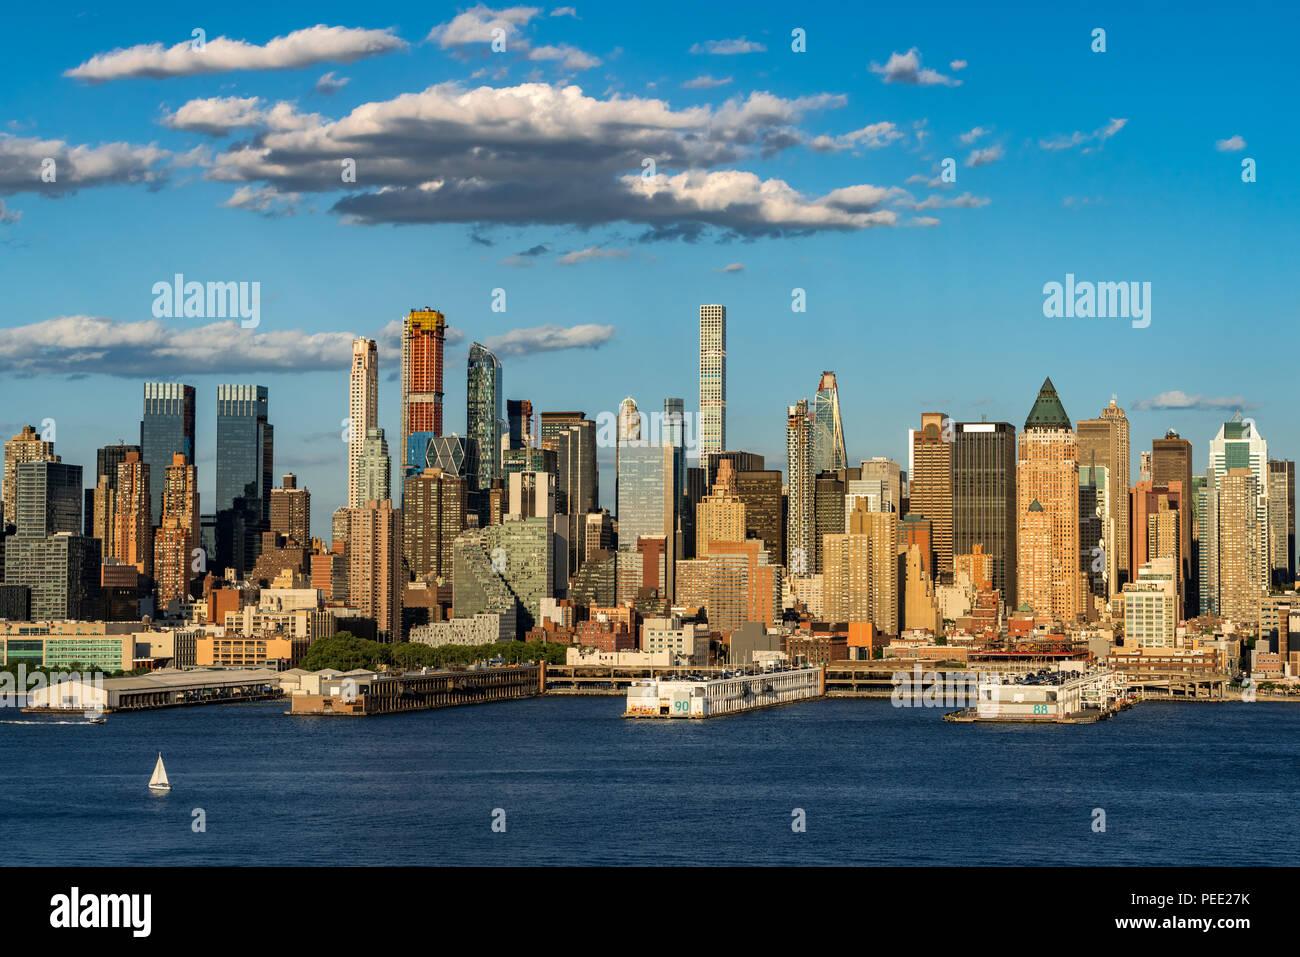 Los rascacielos de Manhattan Midtown West con el río Hudson, en la luz de la tarde. La Ciudad de Nueva York Imagen De Stock